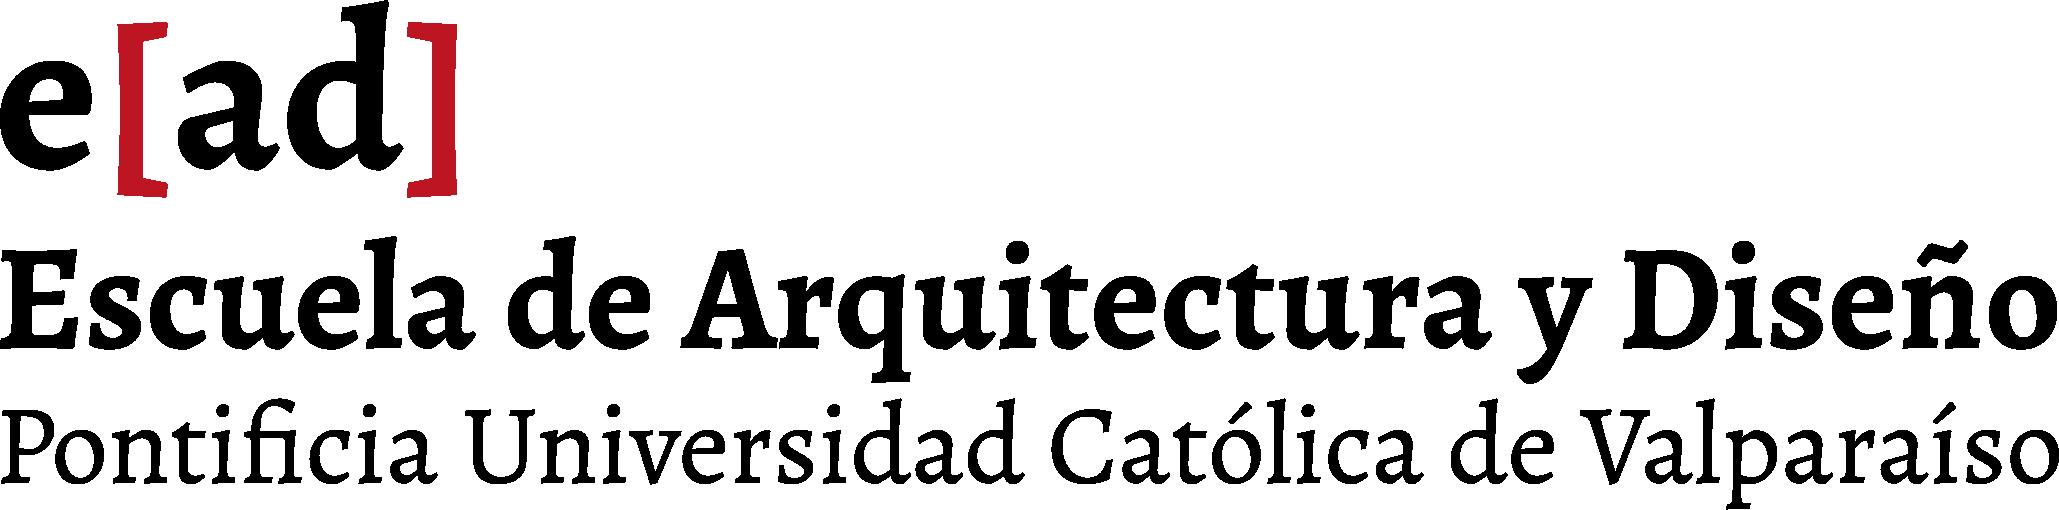 Ead Logo 2019 color.png